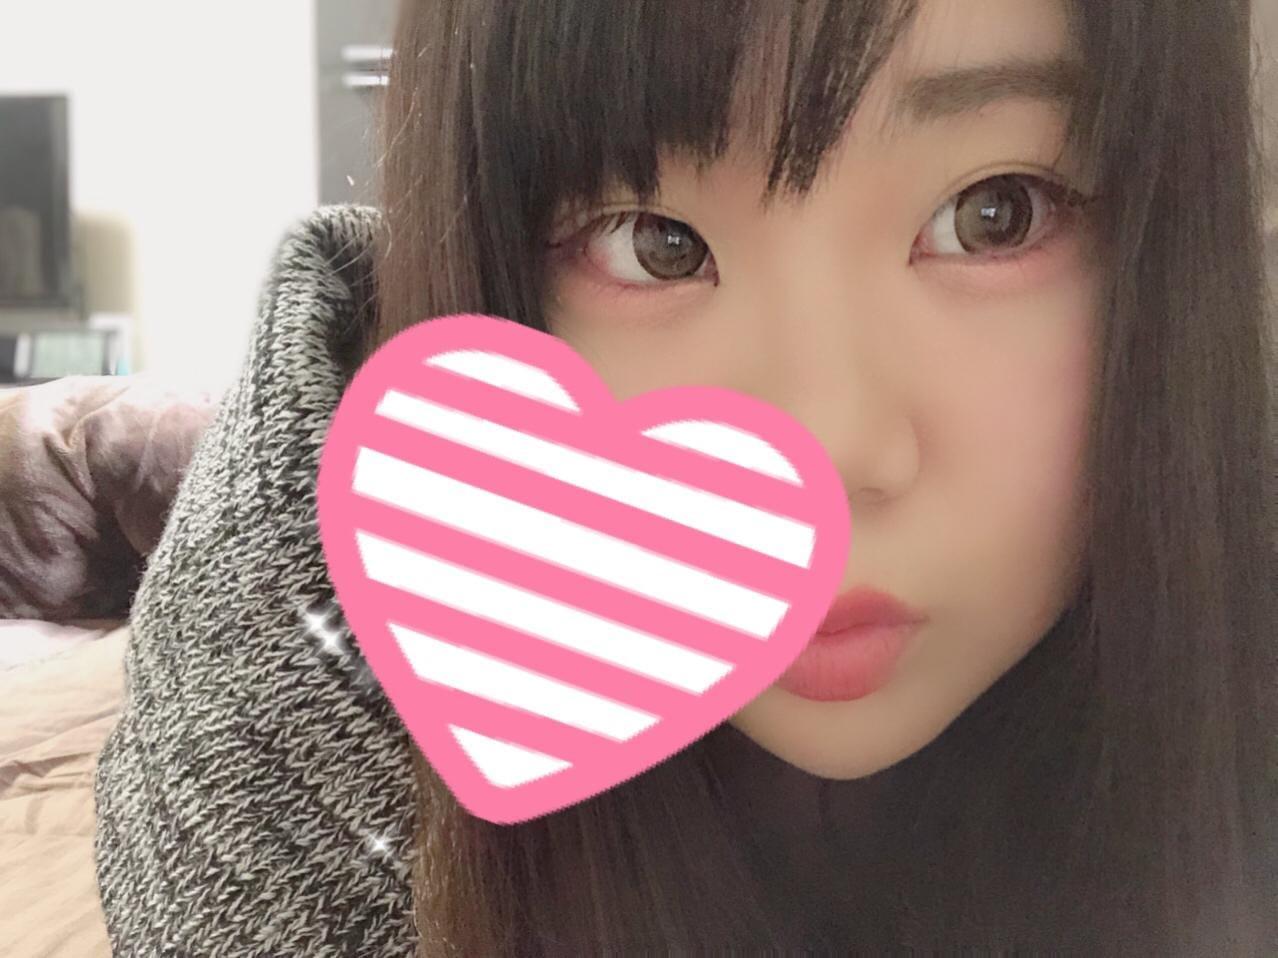 「あいてるよん」11/13日(火) 21:58   ちななの写メ・風俗動画